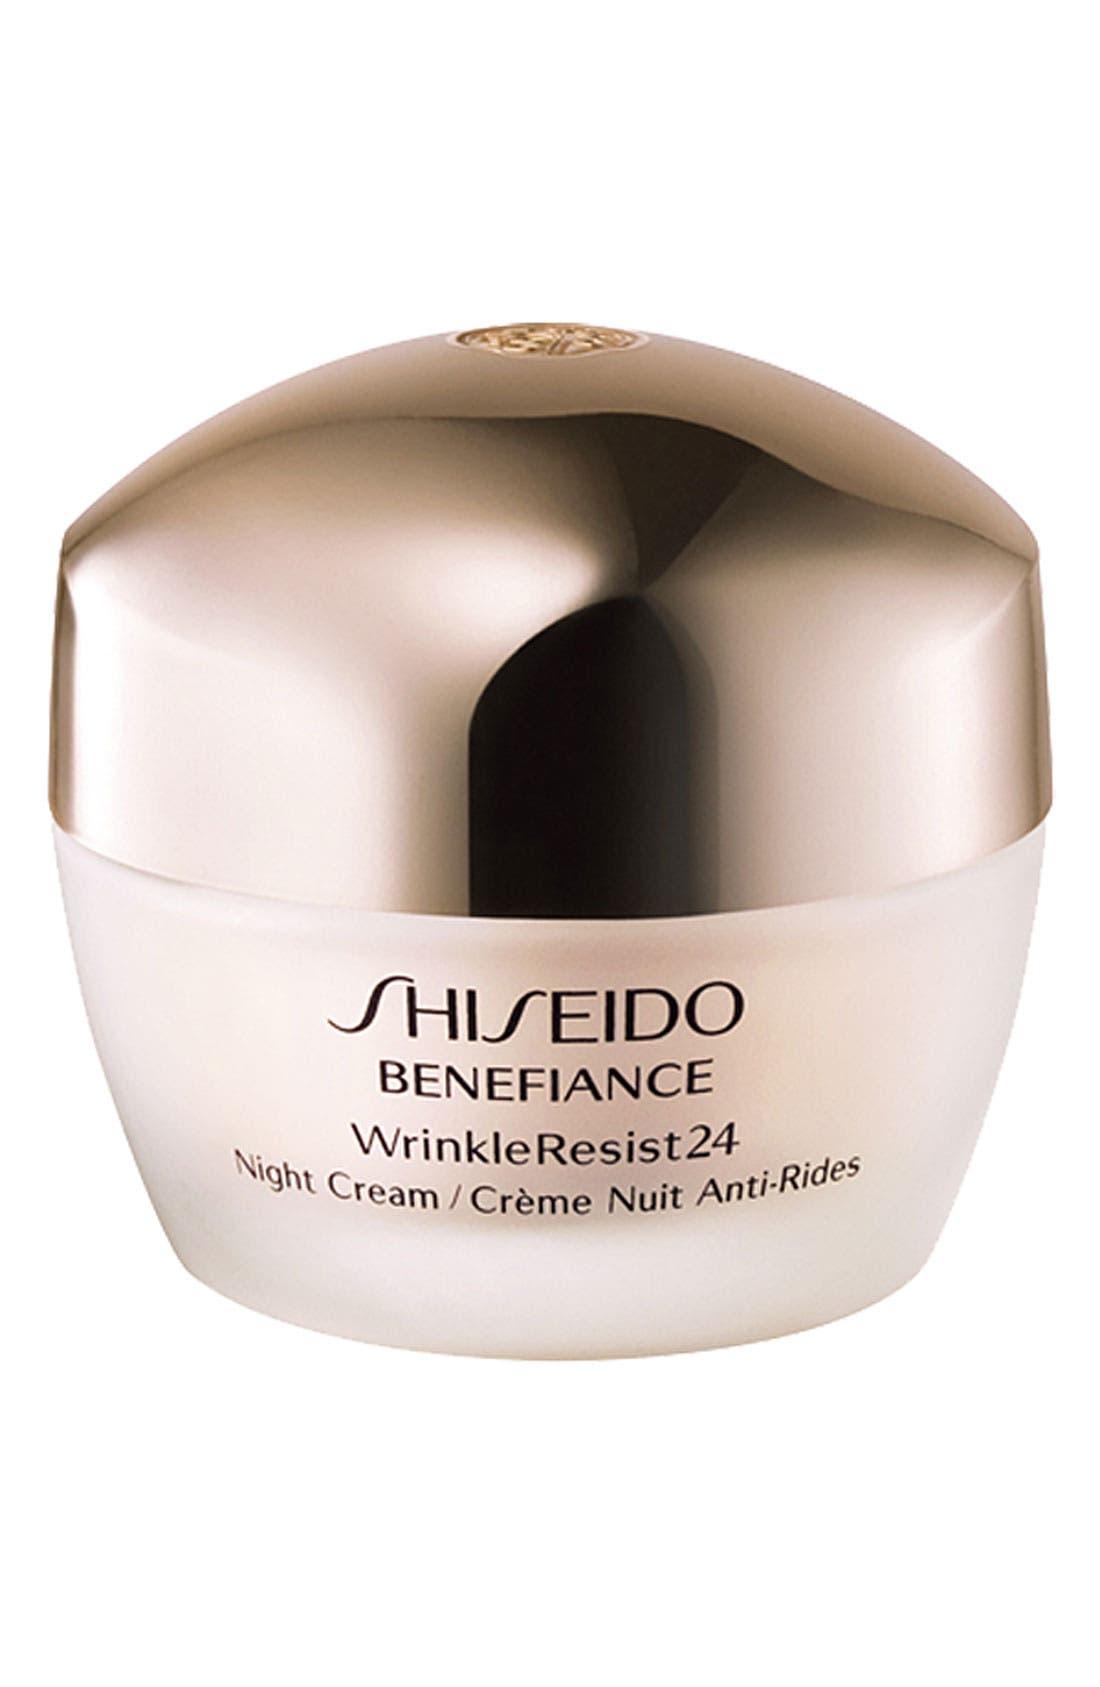 Shiseido 'Benefiance WrinkleResist24' Night Cream